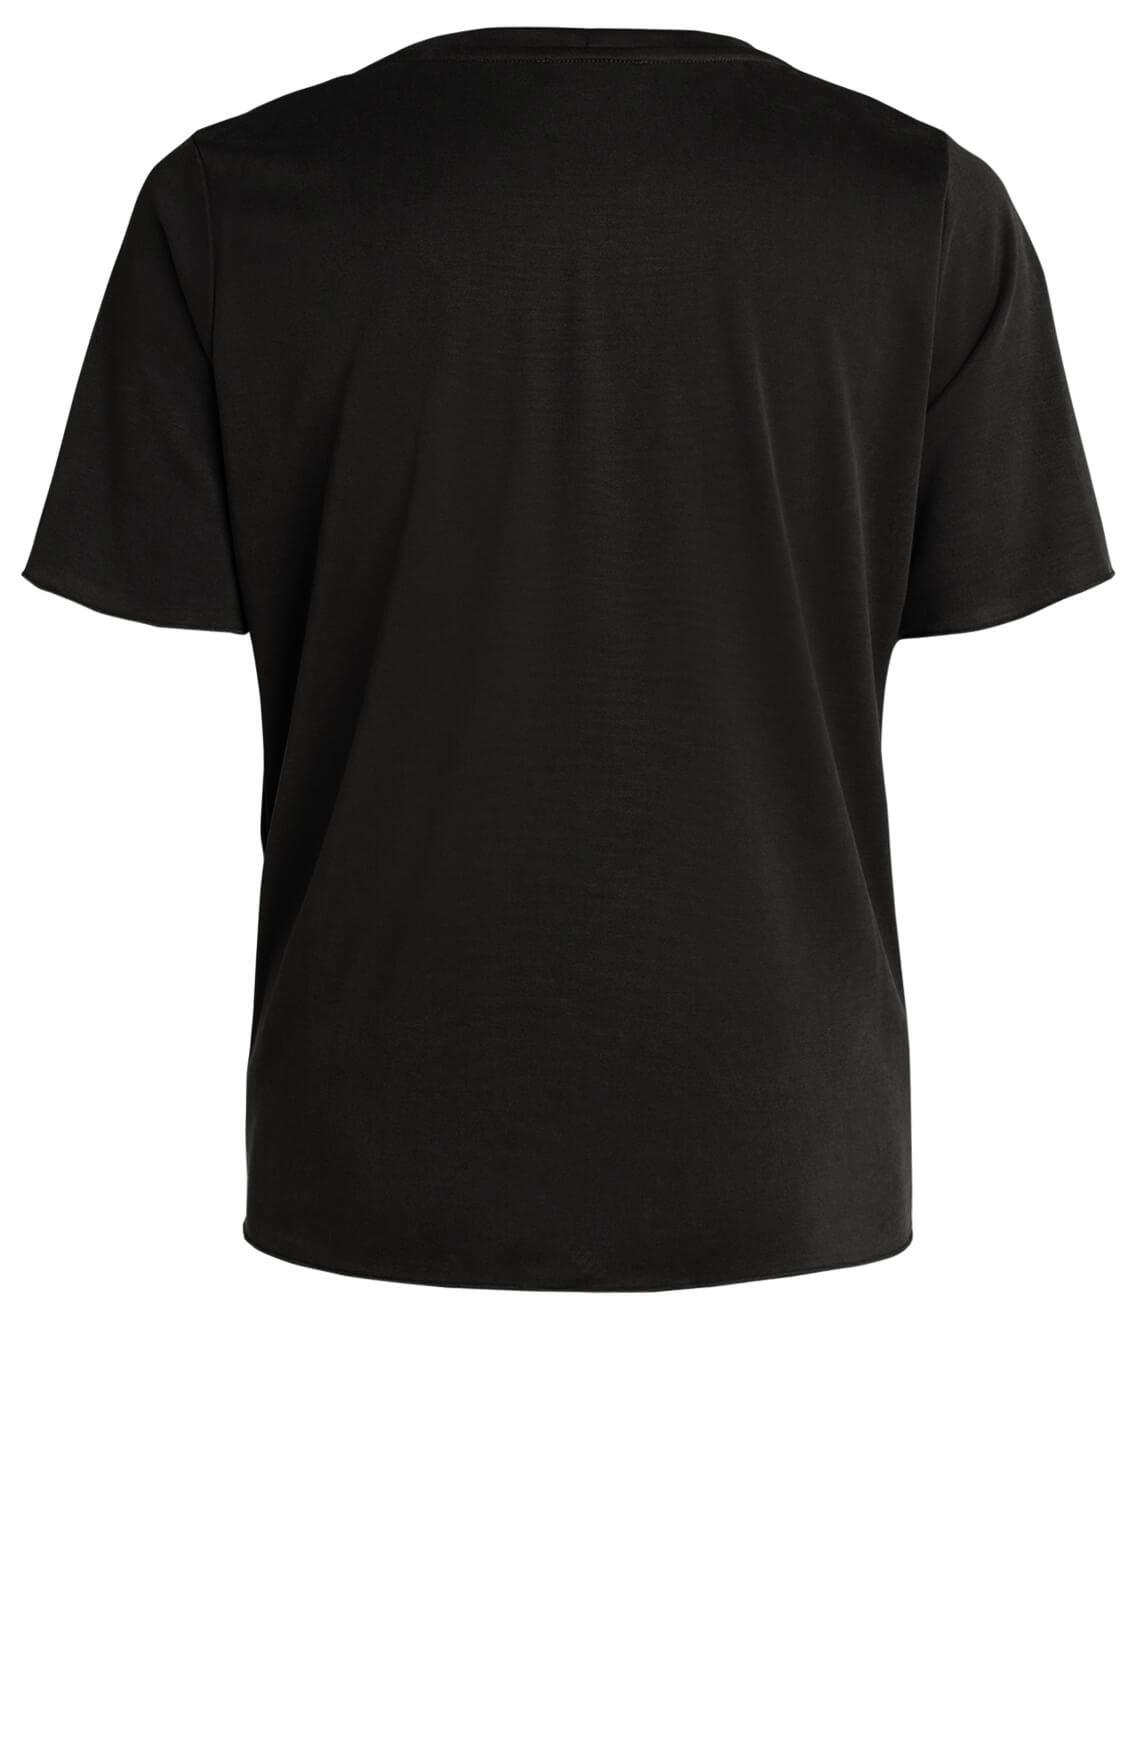 Anna Dames Shirt met modal zwart